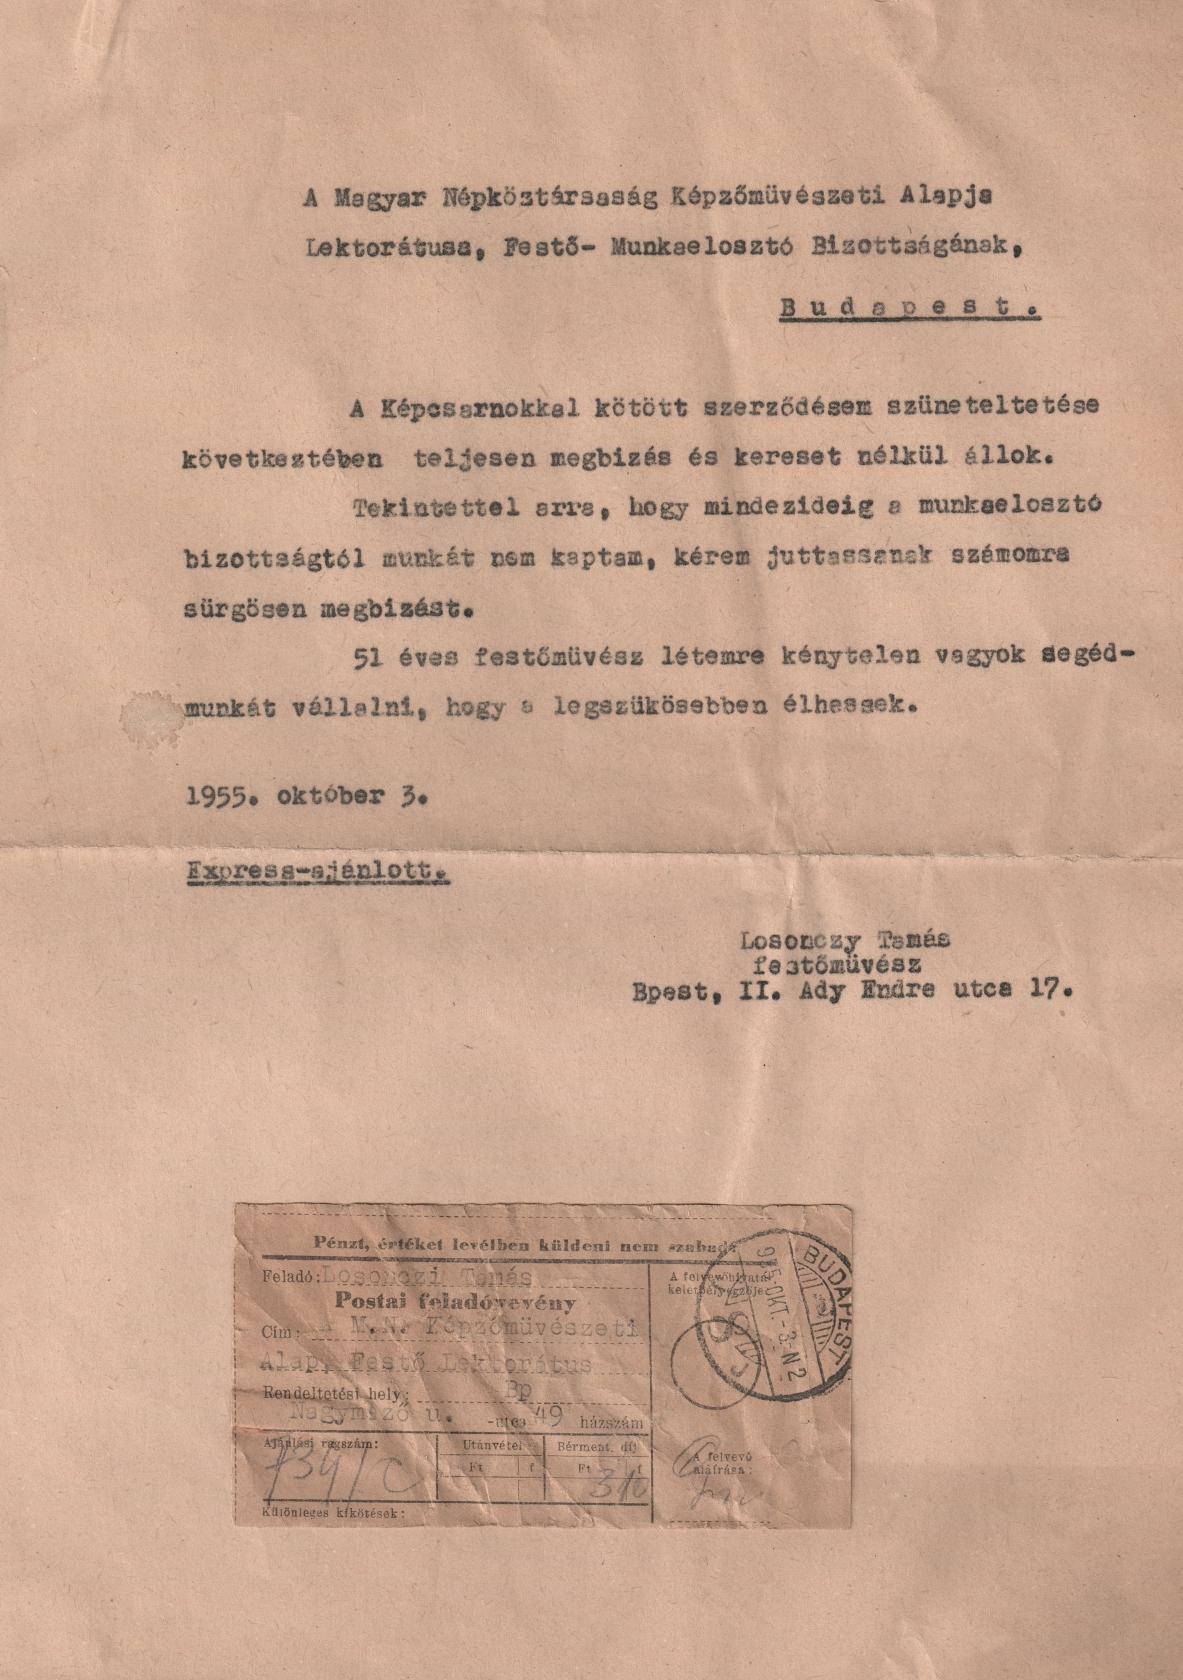 1955-10-03 L.T. Magyar Népköztársaság Képzőművészeti Alapjának, Megbízás kérése